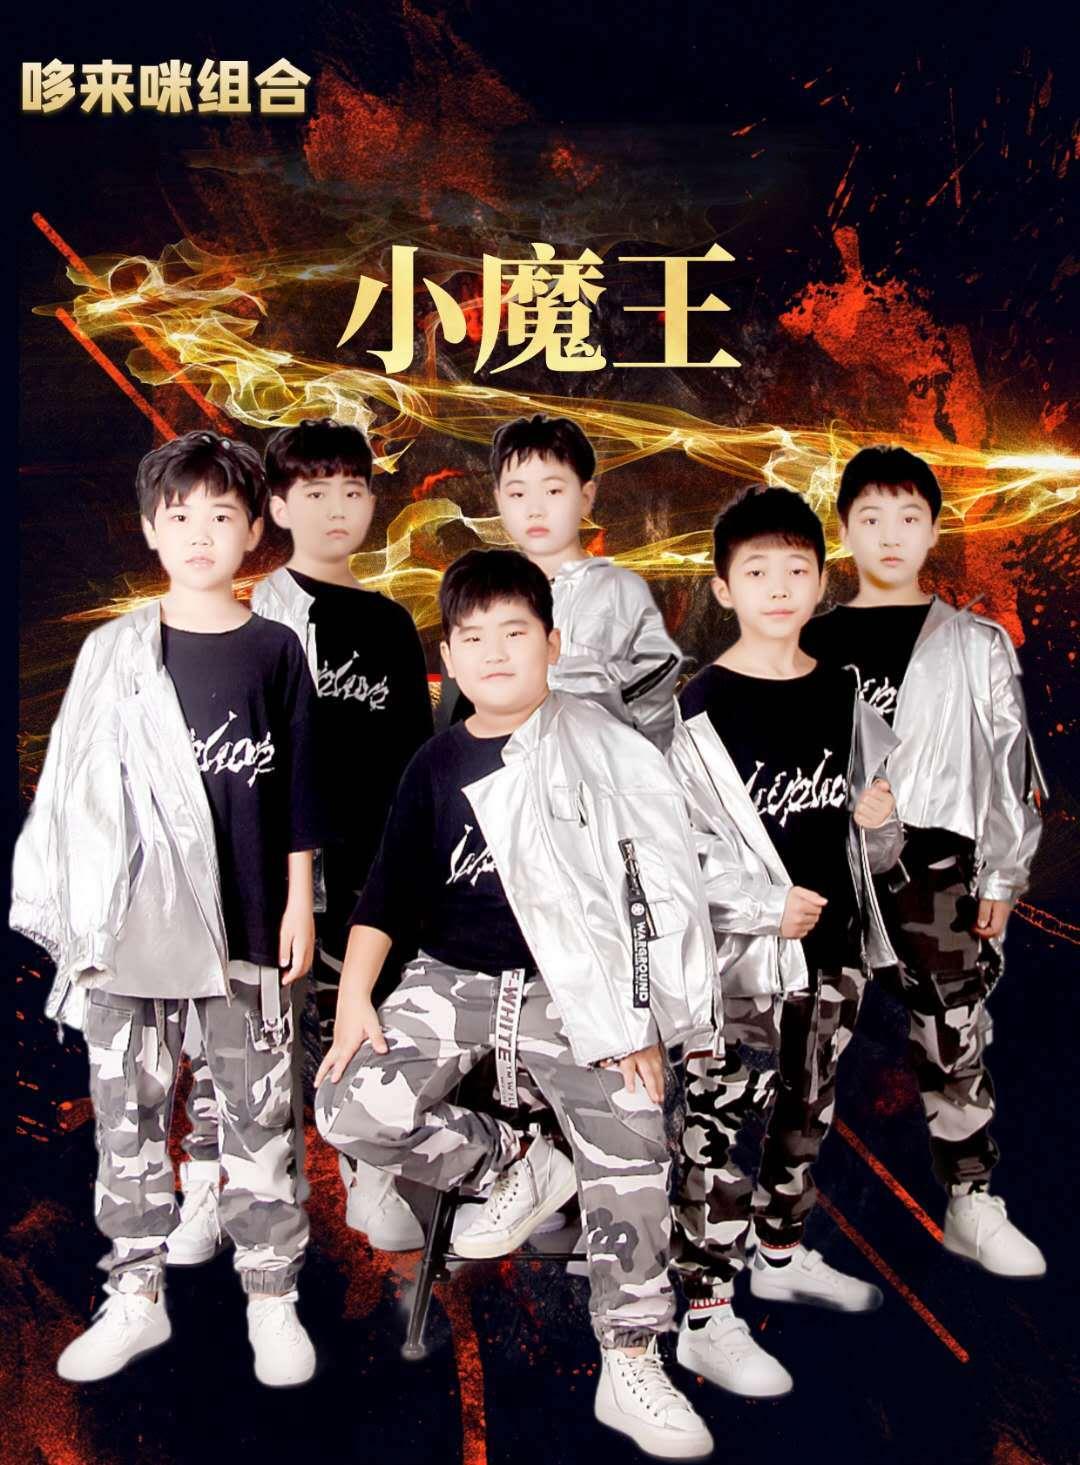 龙子东升歌莱美娱乐哆唻咪组合正式发布新歌小魔王